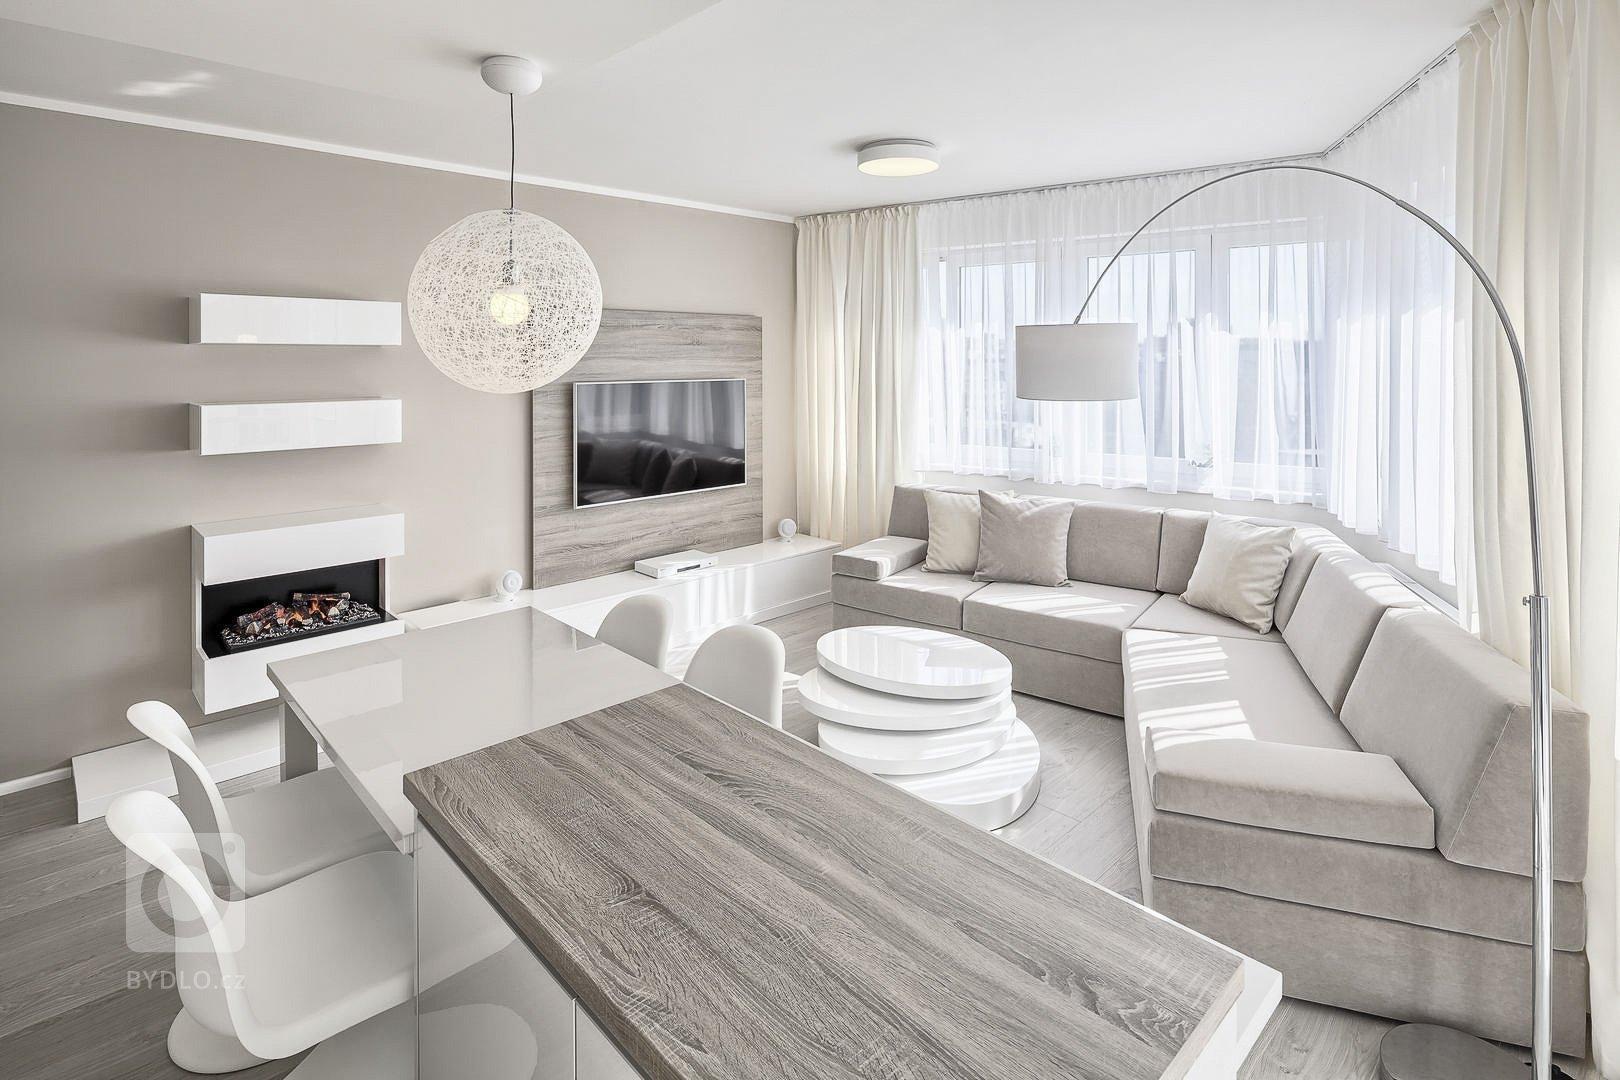 Byt pro mladou studentku a spolubydlící. Developerský projekt. Návrh interiéru v útulném stylu a potlačených krémových barvách. Kuchyňská linka v lakovaném…